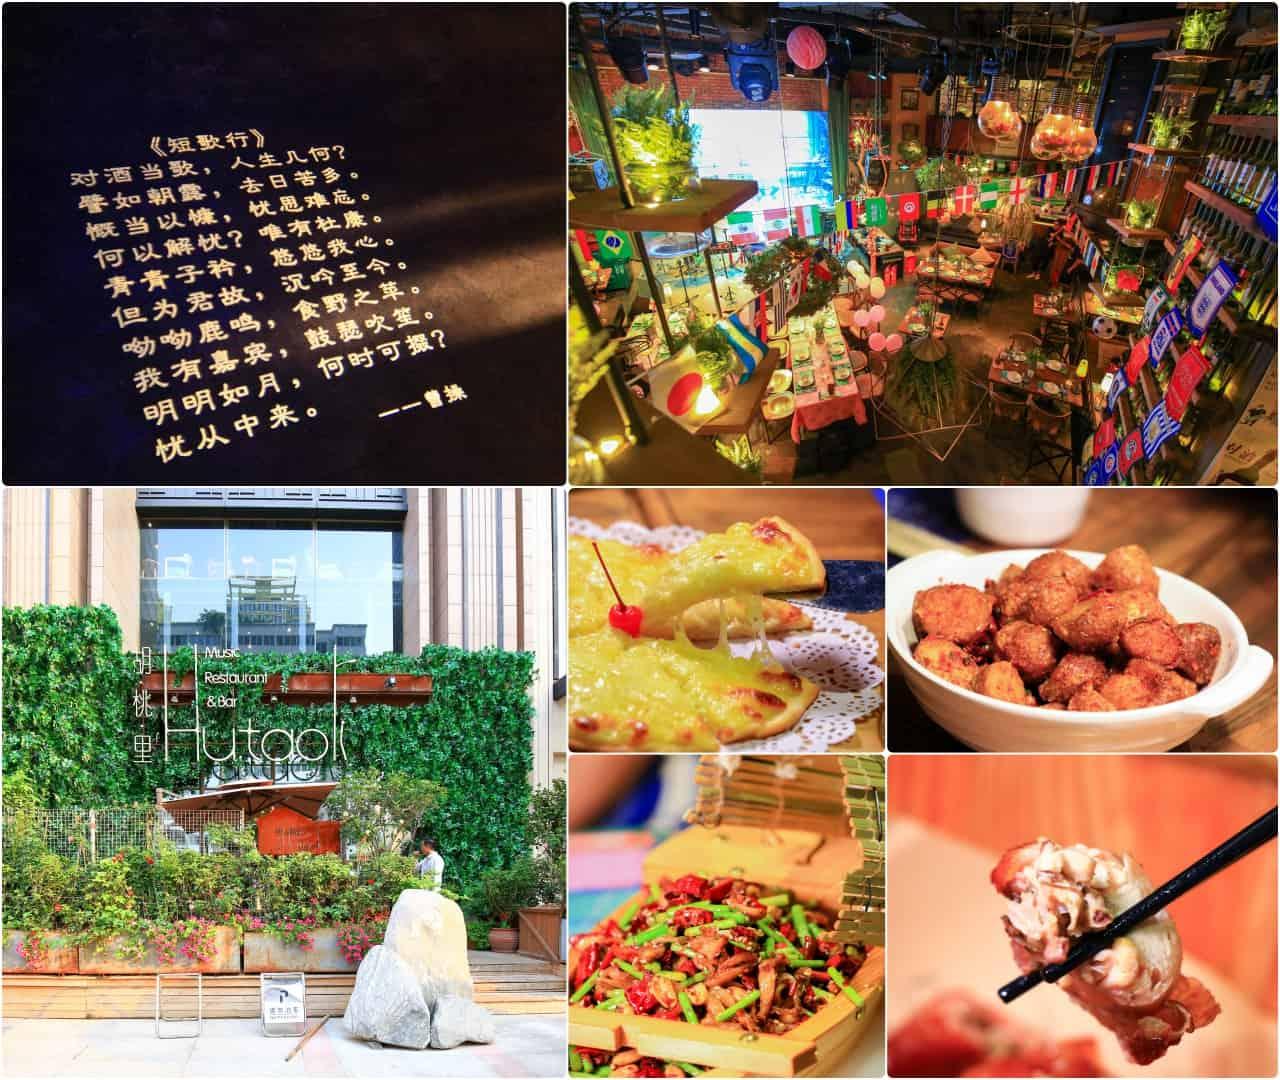 【河南鄭州美食|胡桃里音樂酒館】現場駐唱,氣氛一極棒!美食、酒吧、咖啡廳混血的文藝餐廳。